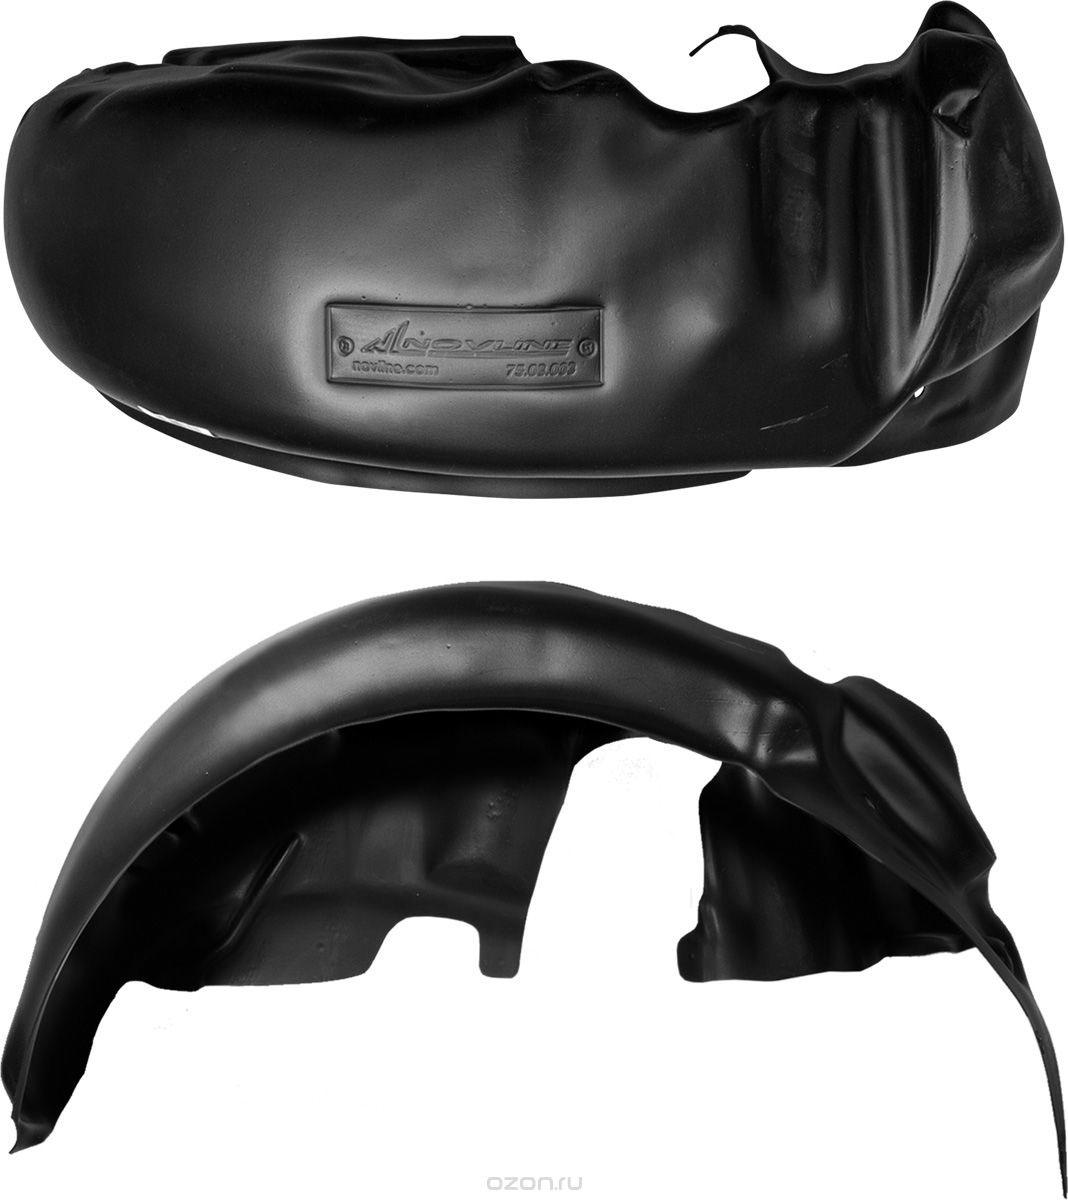 Подкрылок Novline-Autofamily, для MITSUBISHI L200 2007, 2010-2015 с расширителями арок, задний левыйNLL.35.15.003Идеальная защита колесной ниши. Локеры разработаны с применением цифровых технологий, гарантируют максимальную повторяемость поверхности арки. Изделия устанавливаются без нарушения лакокрасочного покрытия автомобиля, каждый подкрылок комплектуется крепежом. Уважаемые клиенты, обращаем ваше внимание, что фотографии на подкрылки универсальные и не отражают реальную форму изделия. При этом само изделие идет точно под размер указанного автомобиля.